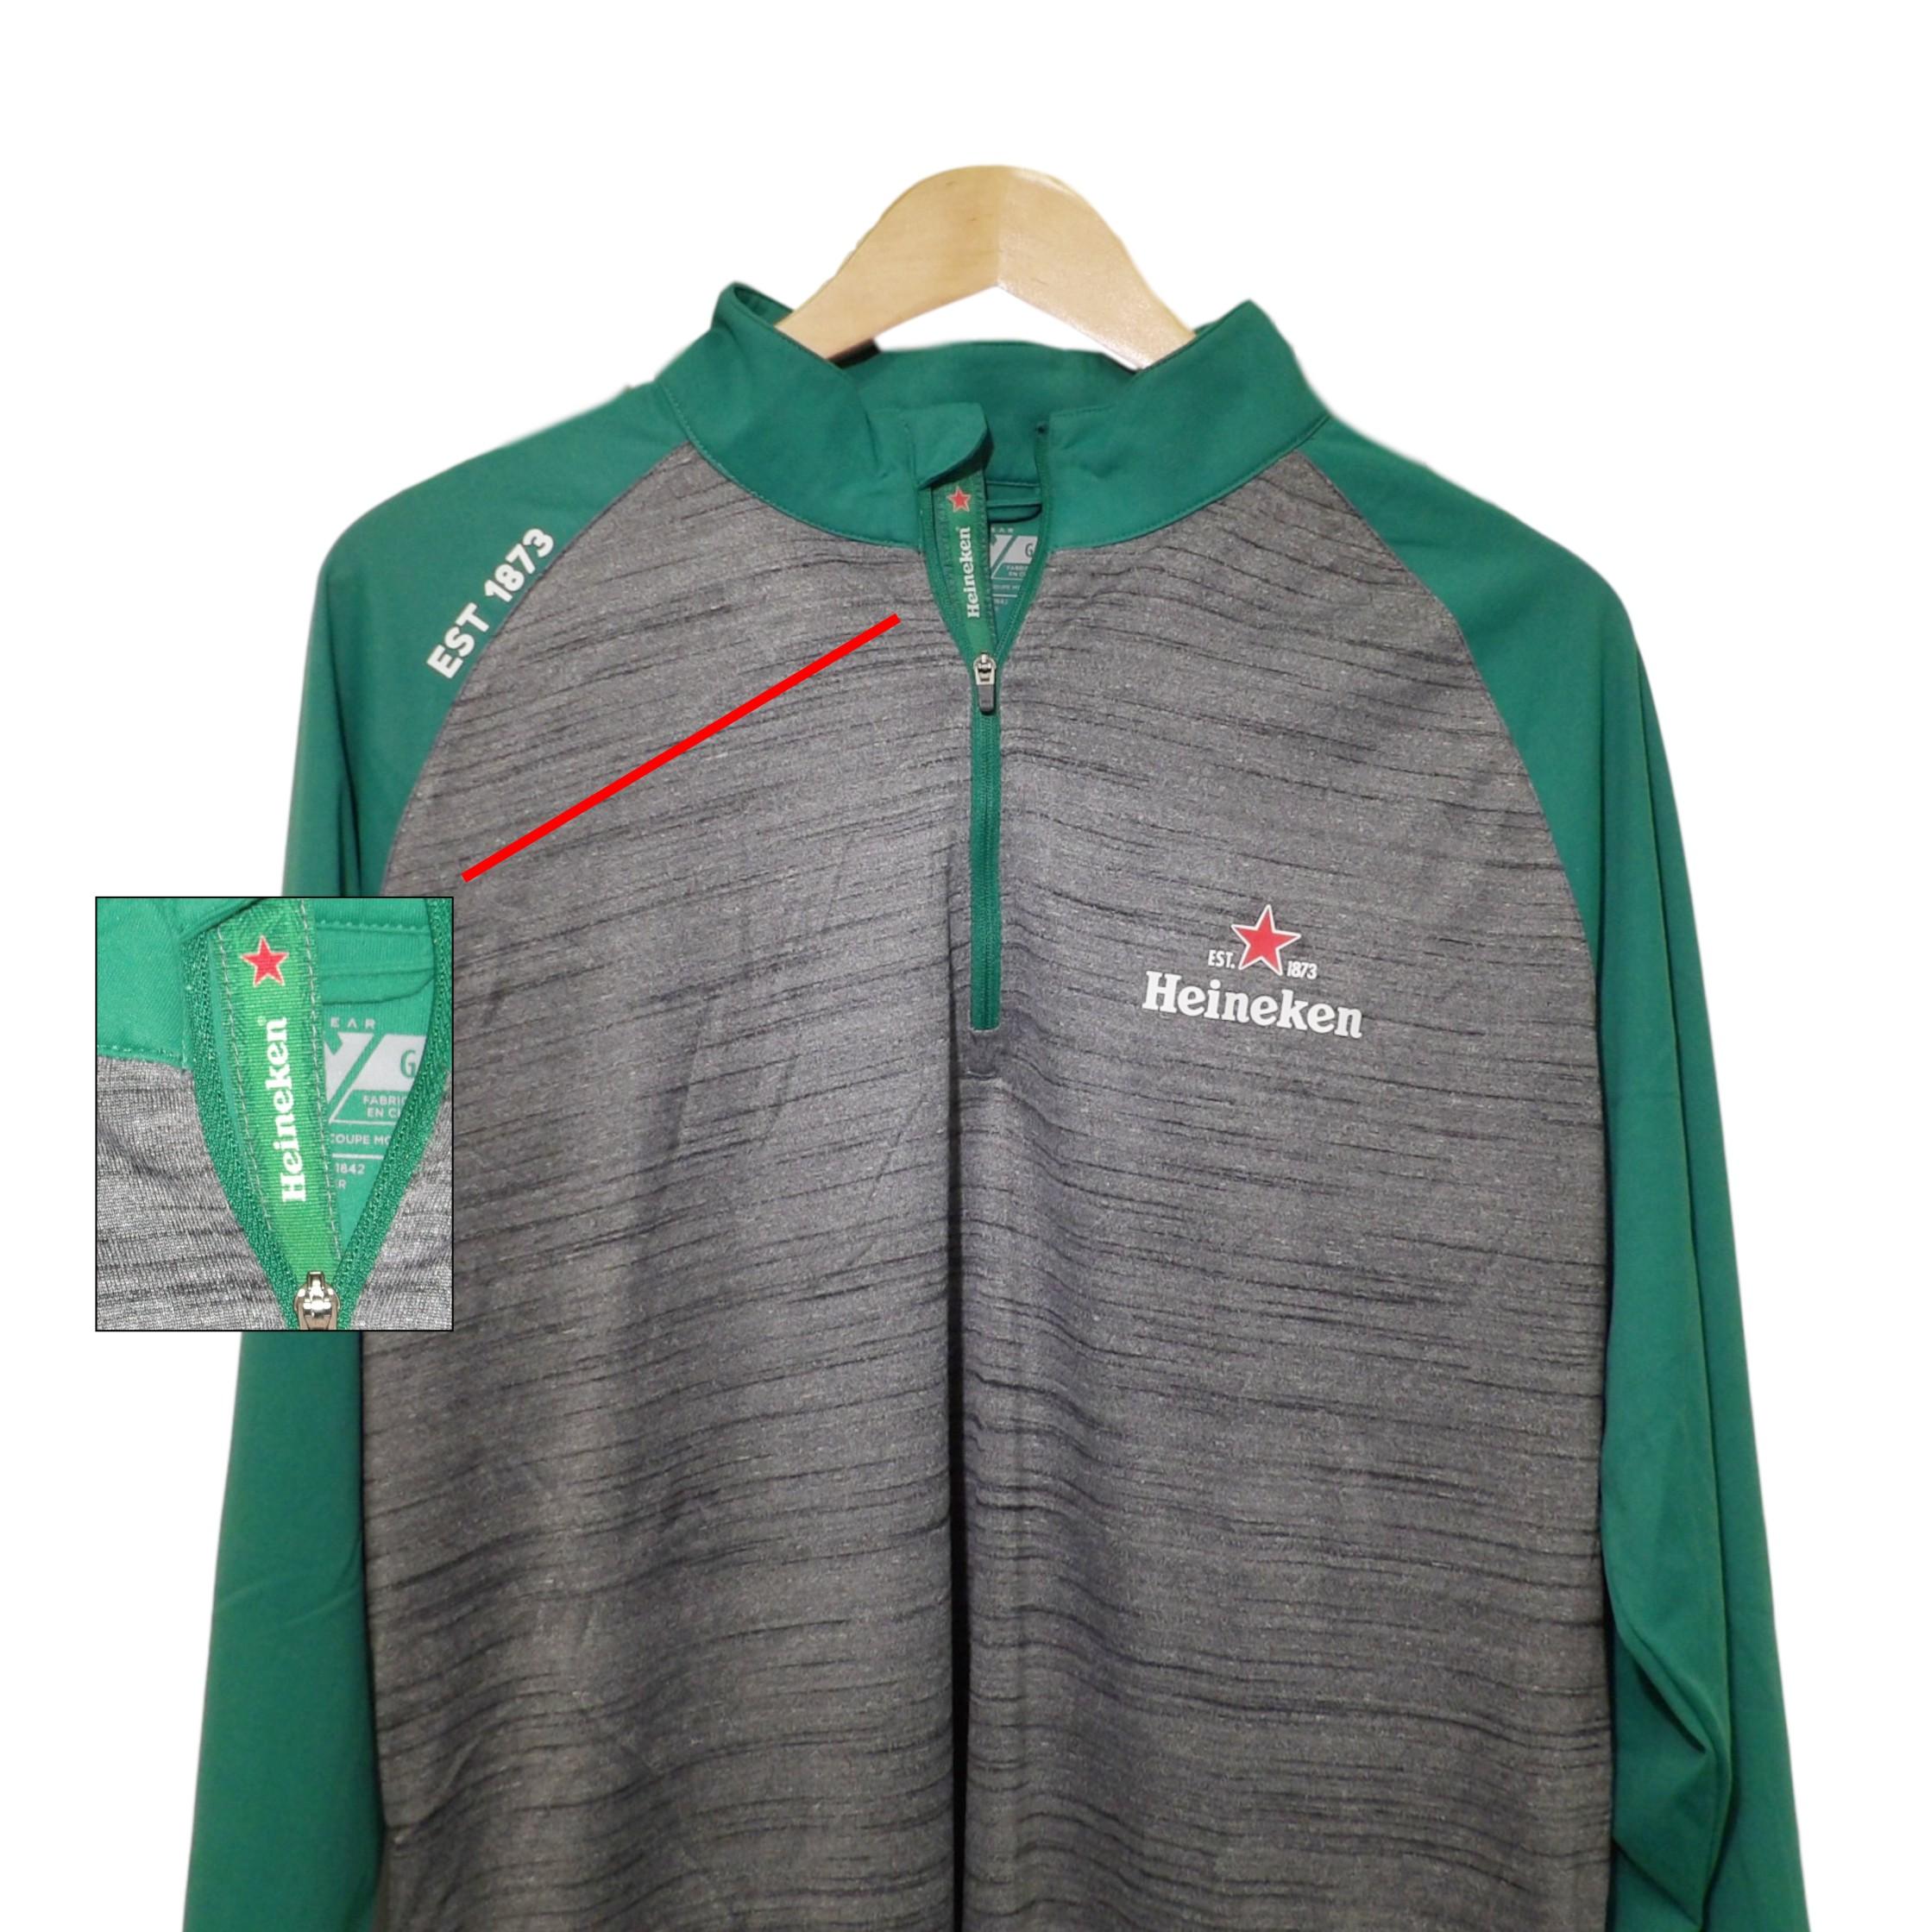 Heineken_for_email.jpg